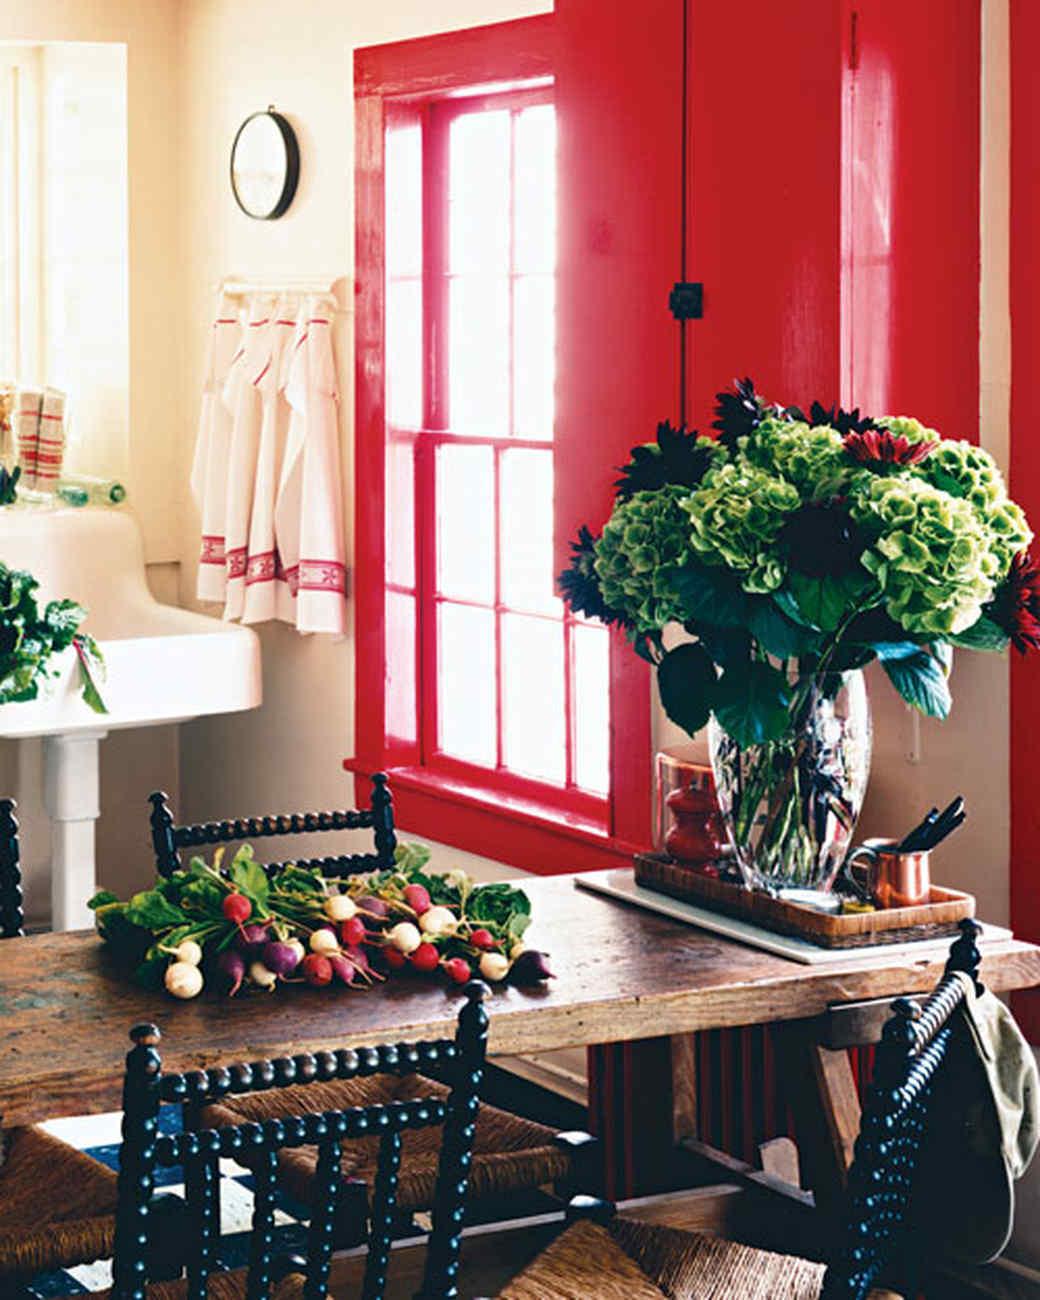 mla103203_0408_kitchentab02.jpg